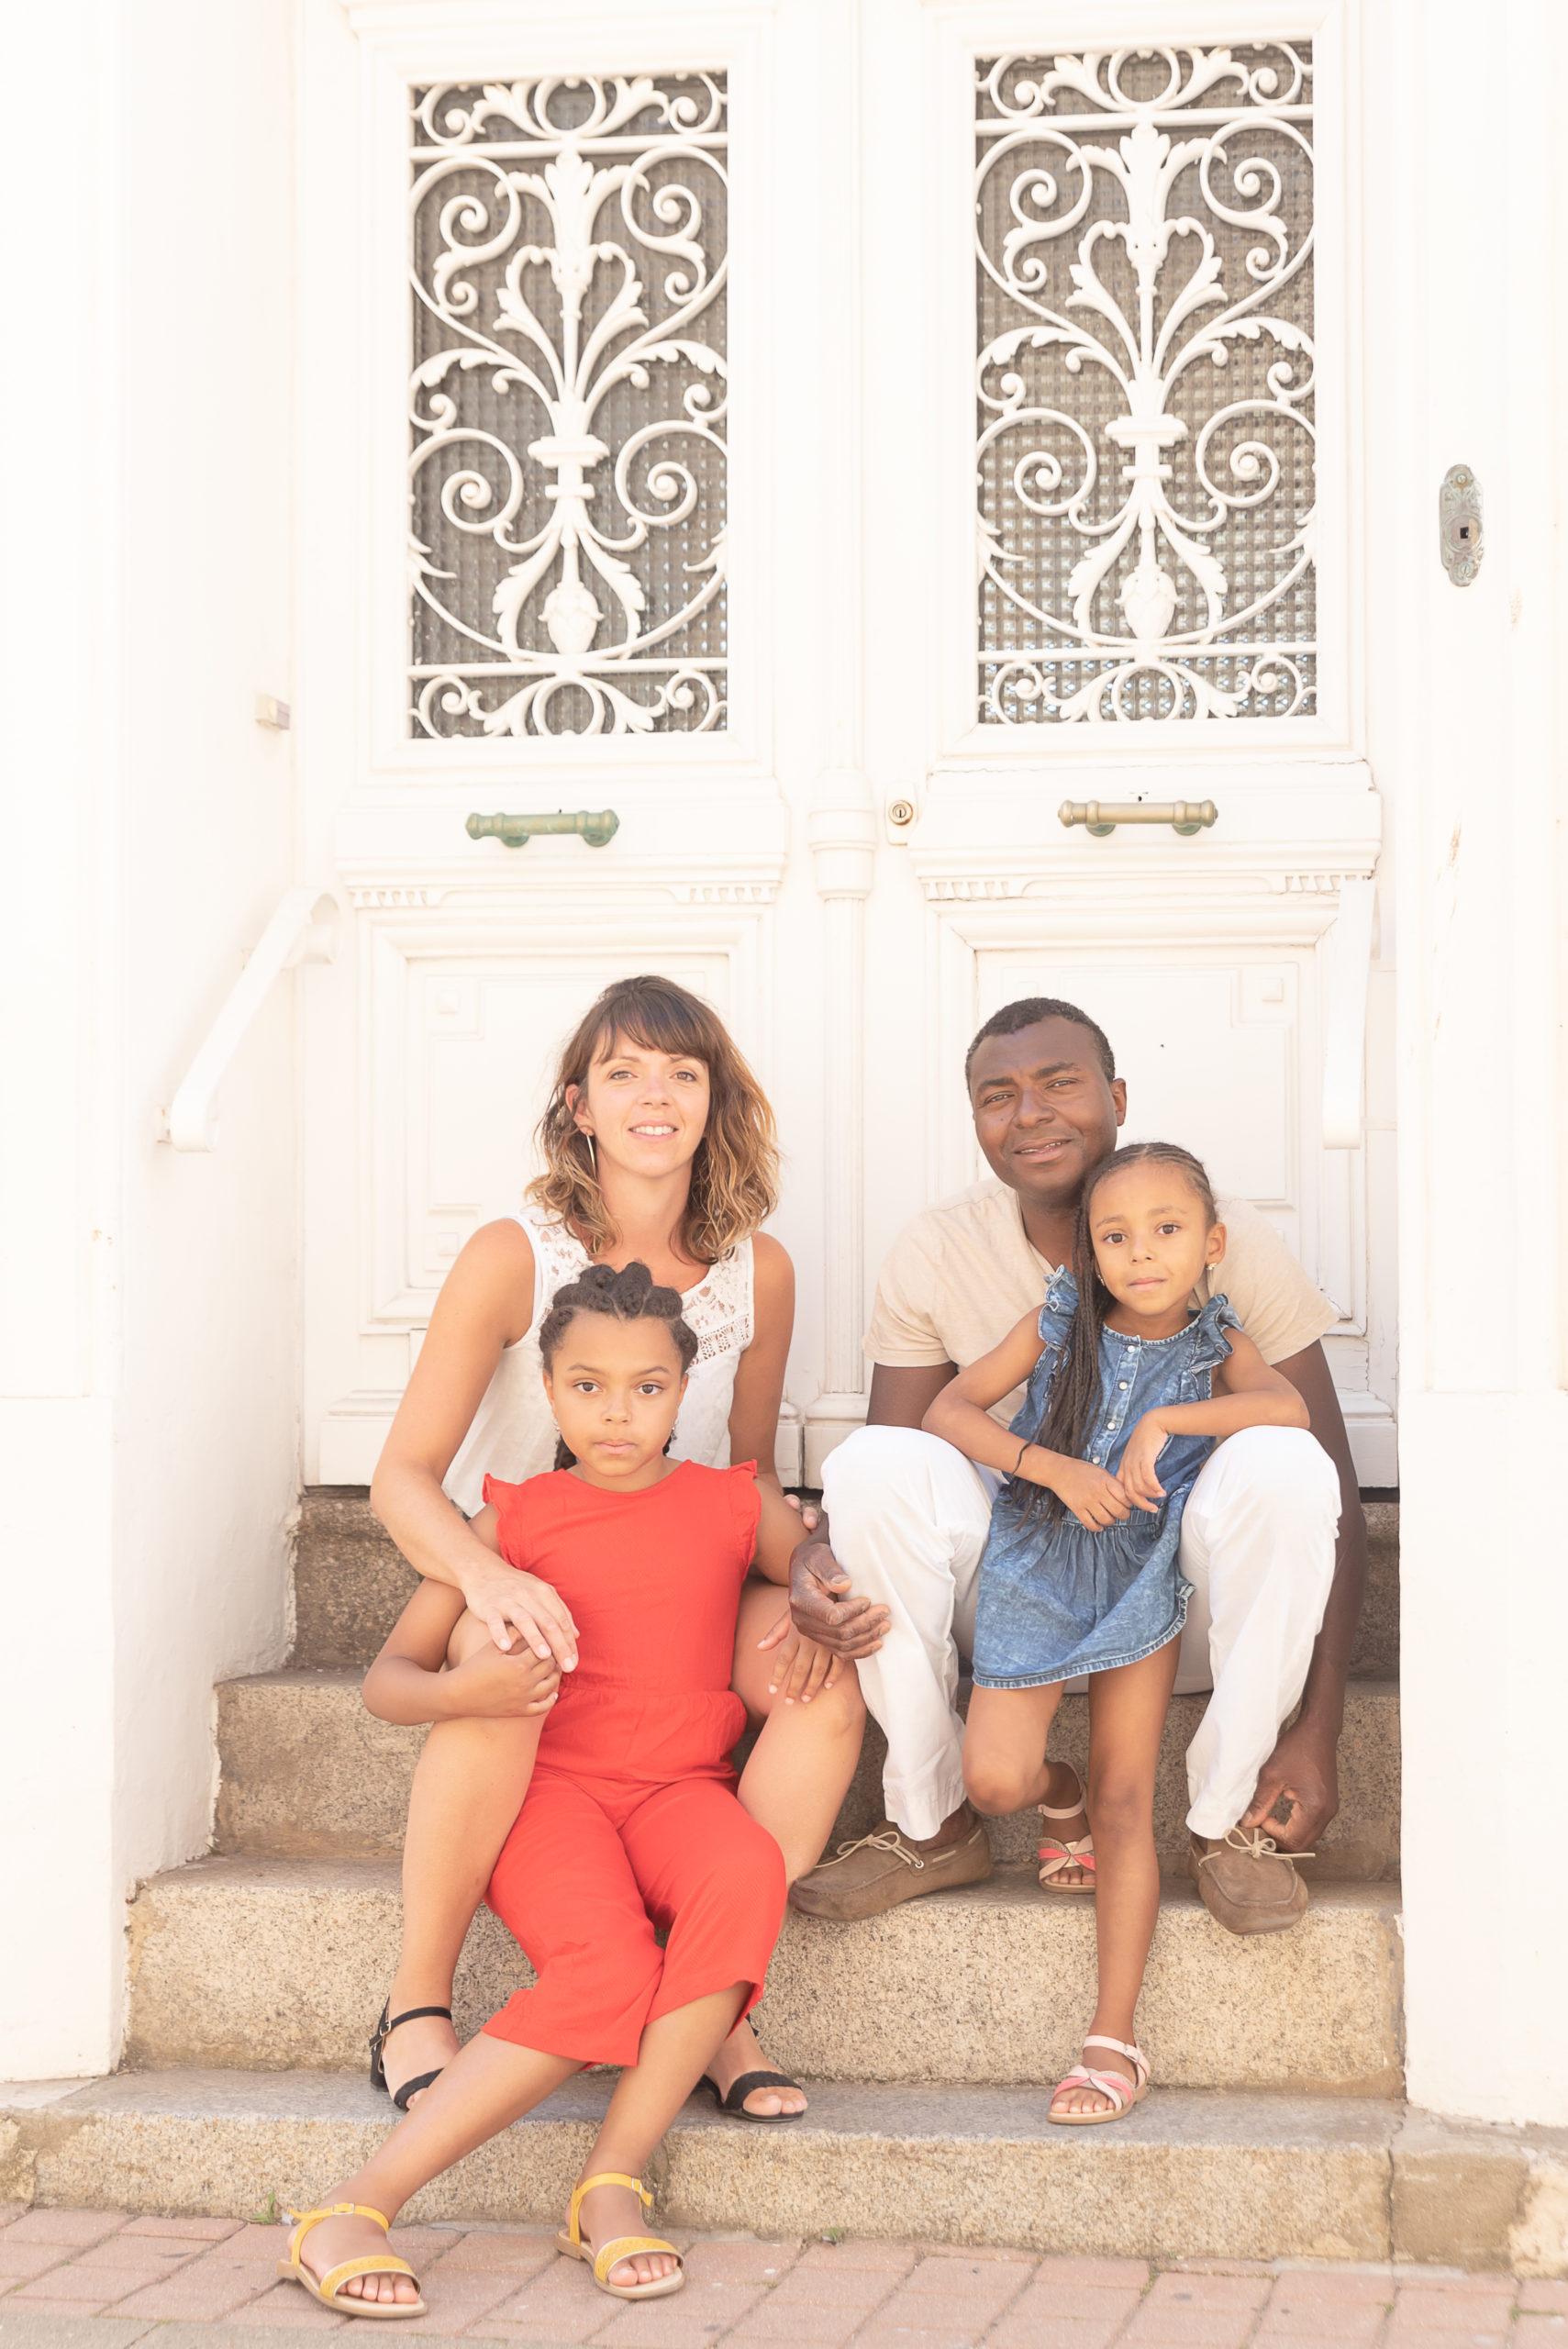 Séance photo famille aux Sables d'olonne par Sophie Rouzineau photographe